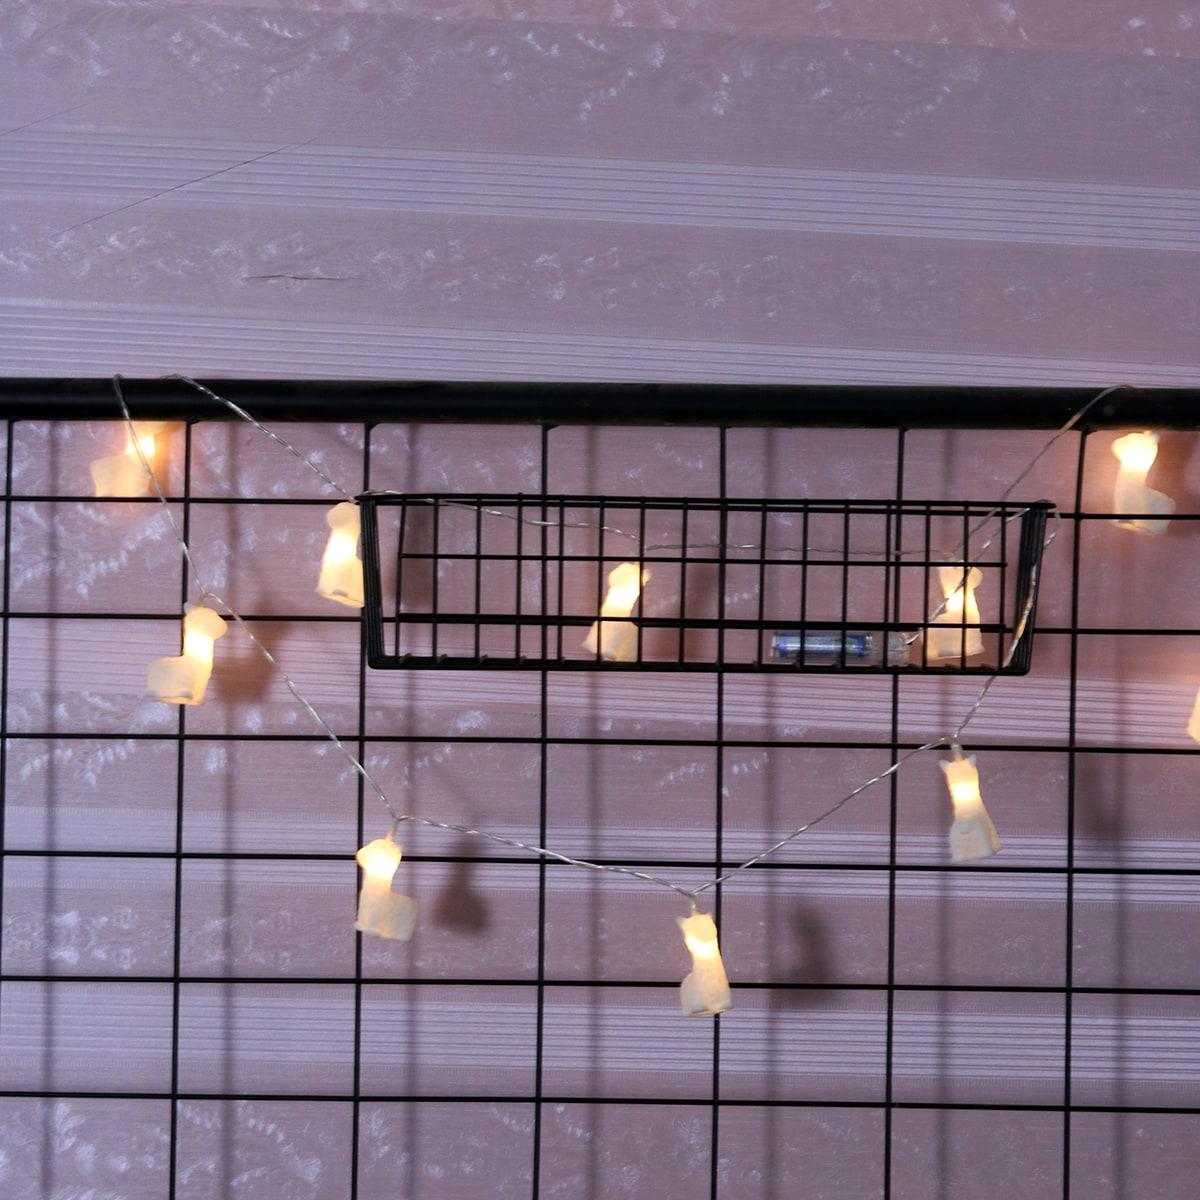 SHEIN / 1 Stück Lichtkette & 10 Stücken Glühbirnen in Alpakaform